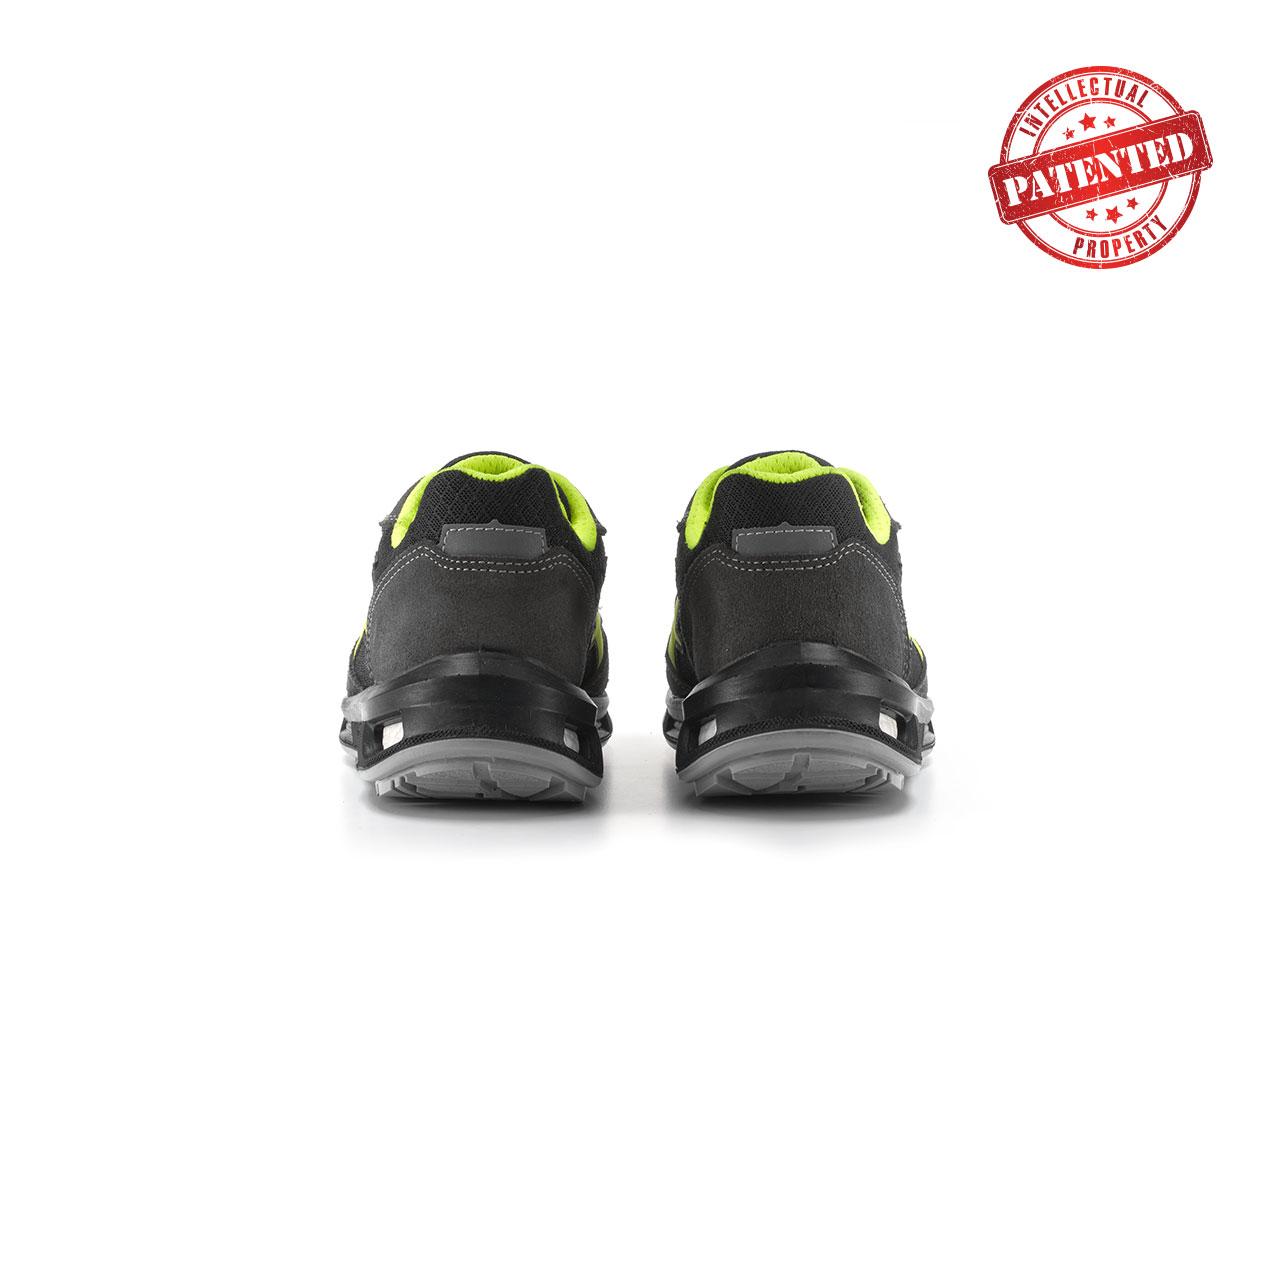 paio di scarpe antinfortunistiche upower modello yellow linea redlion vista retro